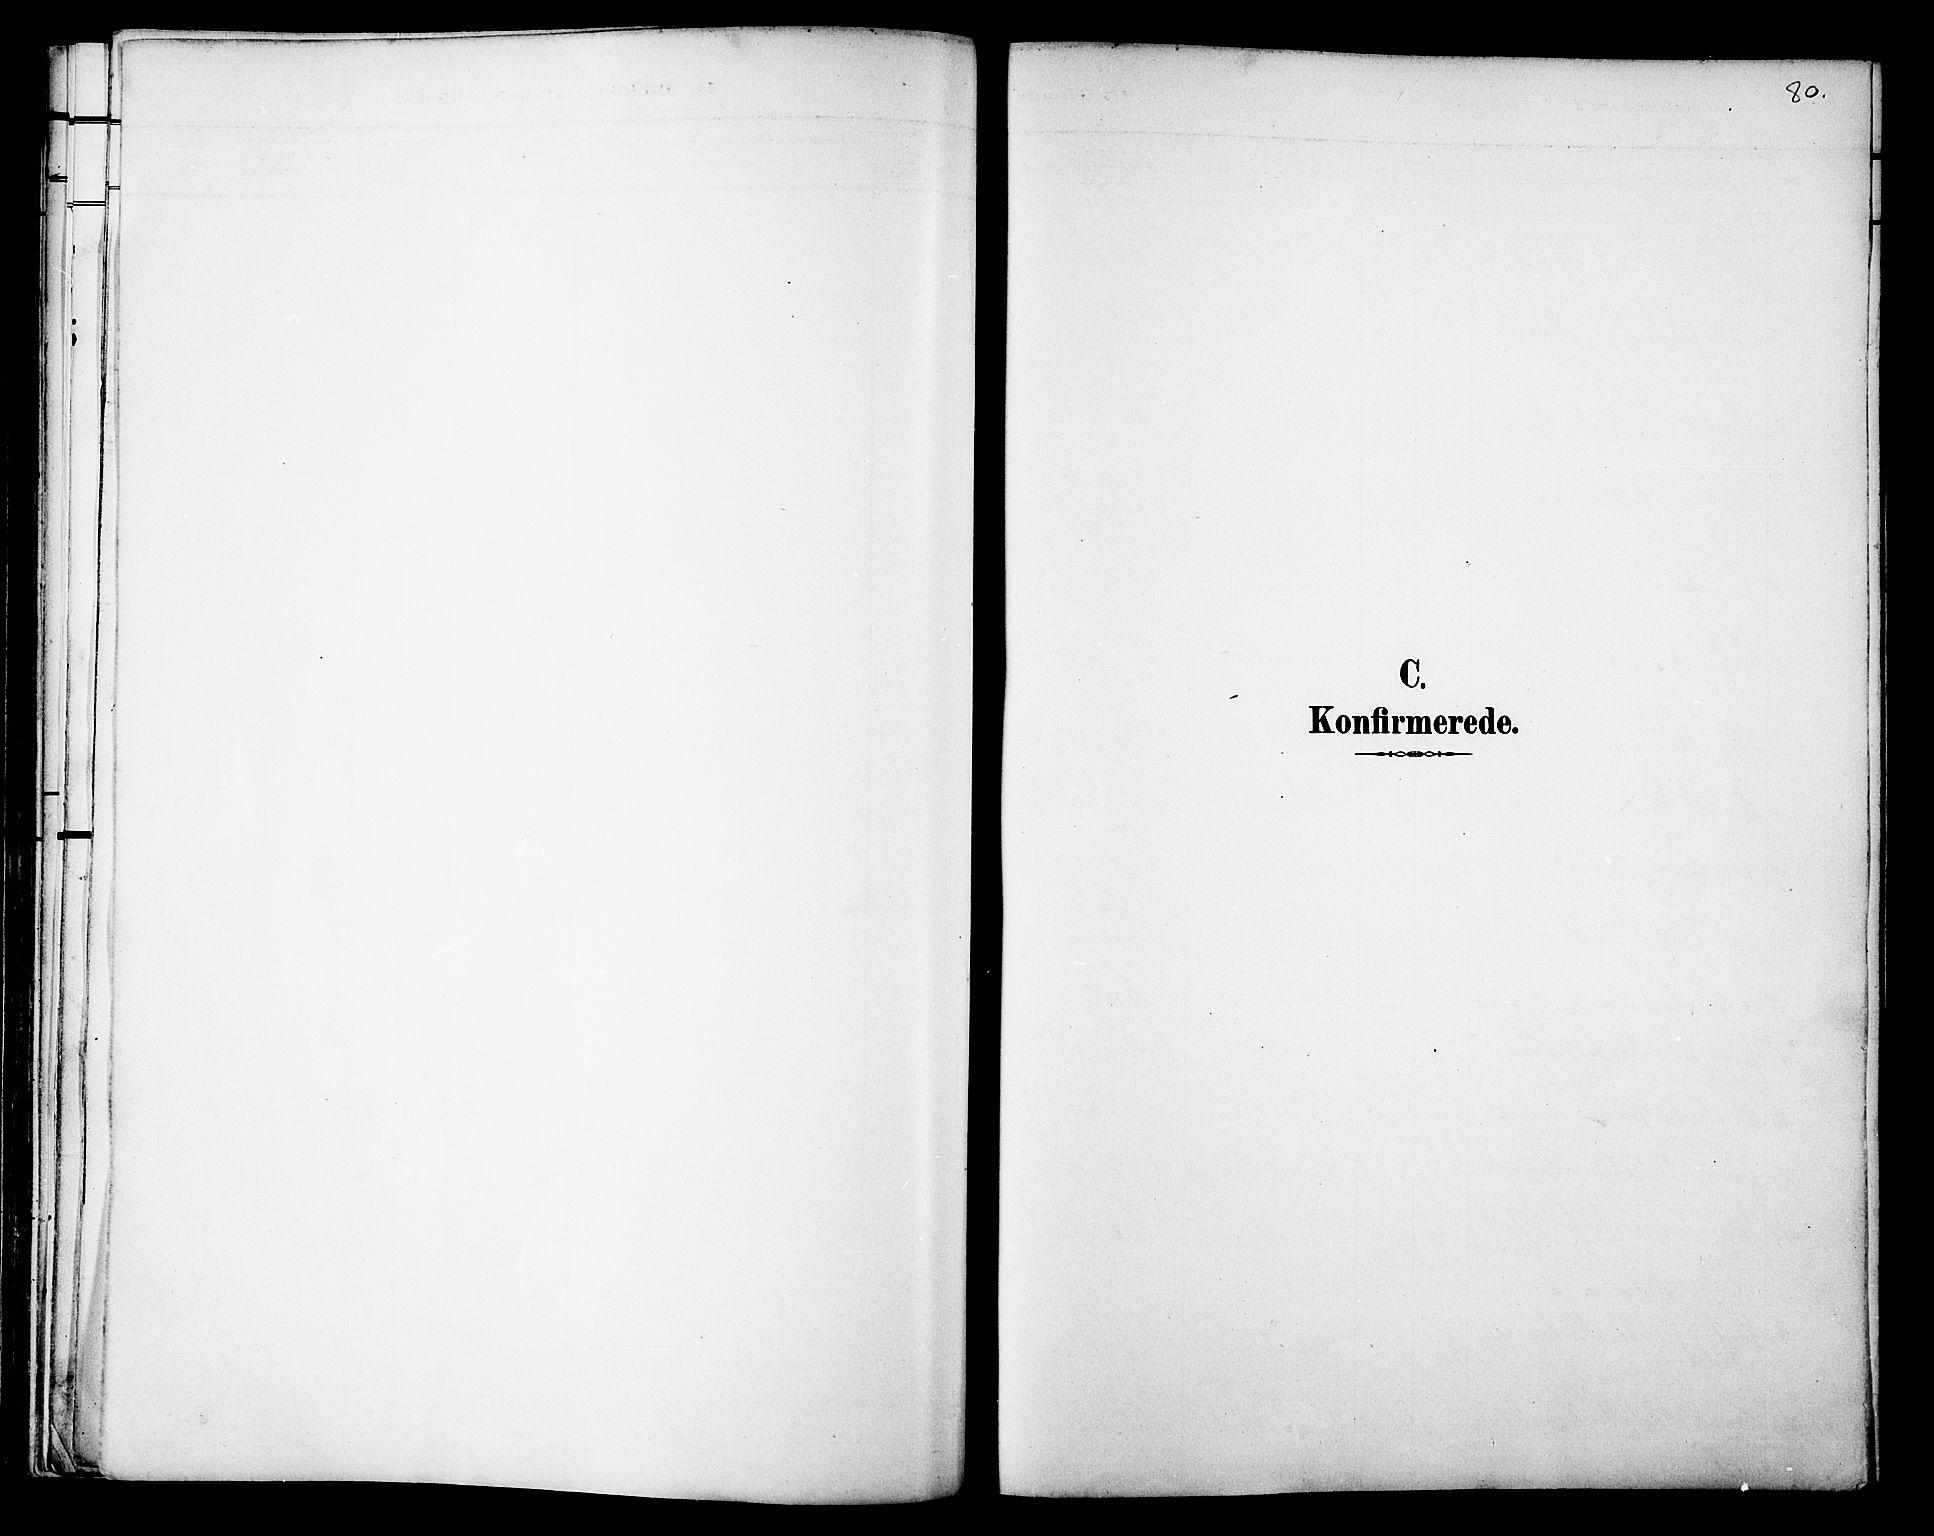 SAT, Ministerialprotokoller, klokkerbøker og fødselsregistre - Nord-Trøndelag, 733/L0327: Klokkerbok nr. 733C02, 1888-1918, s. 80